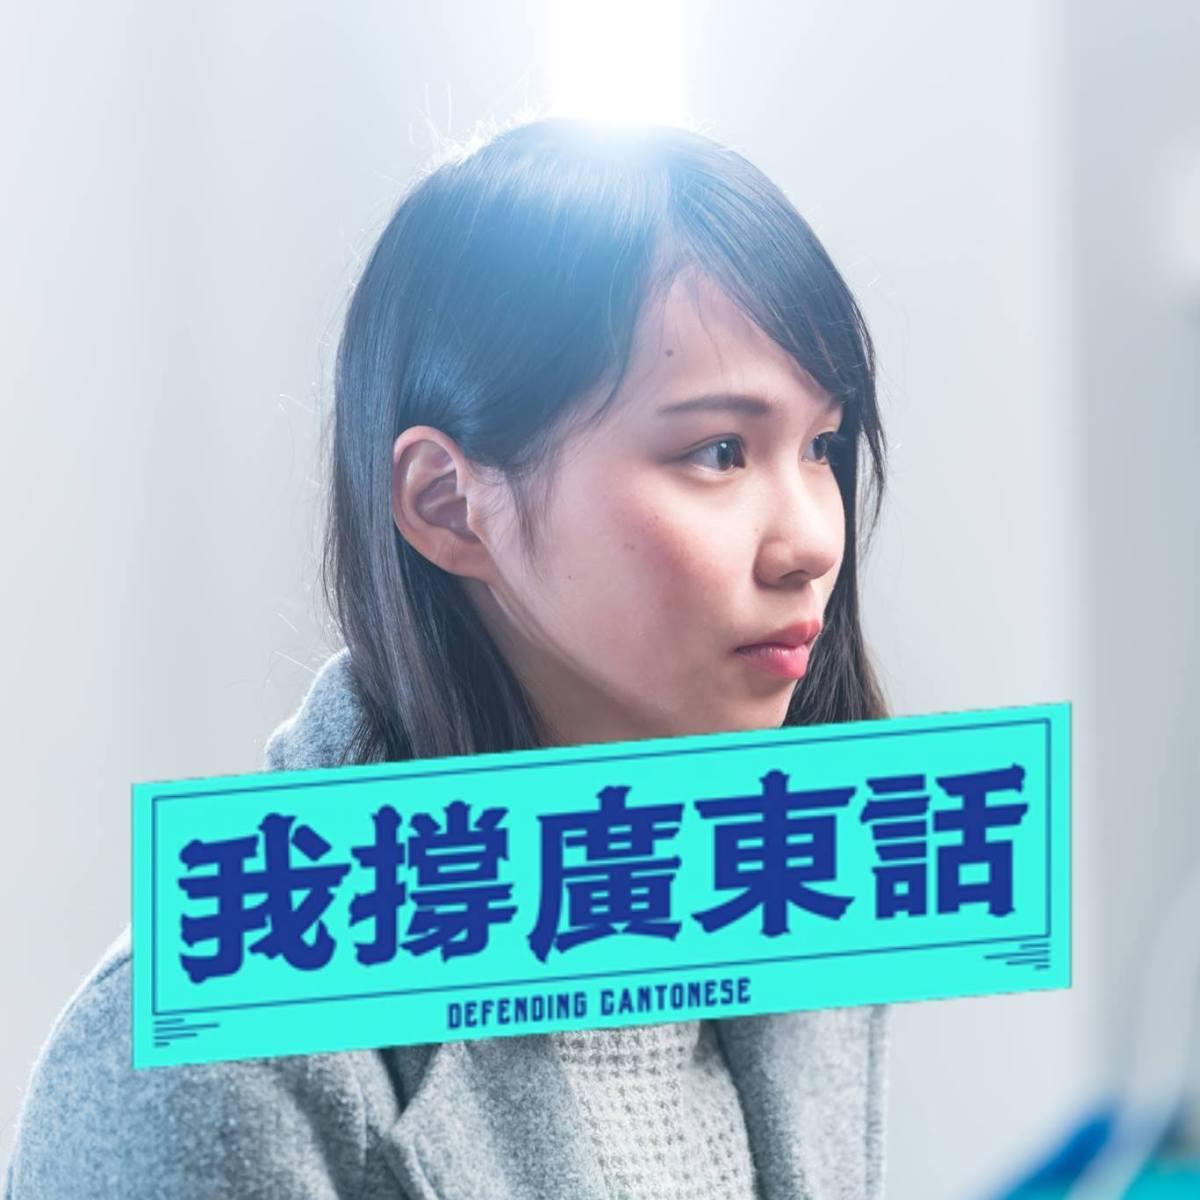 Phản đối môn học tẩy não ở Hồng Kông và ở ViệtNam